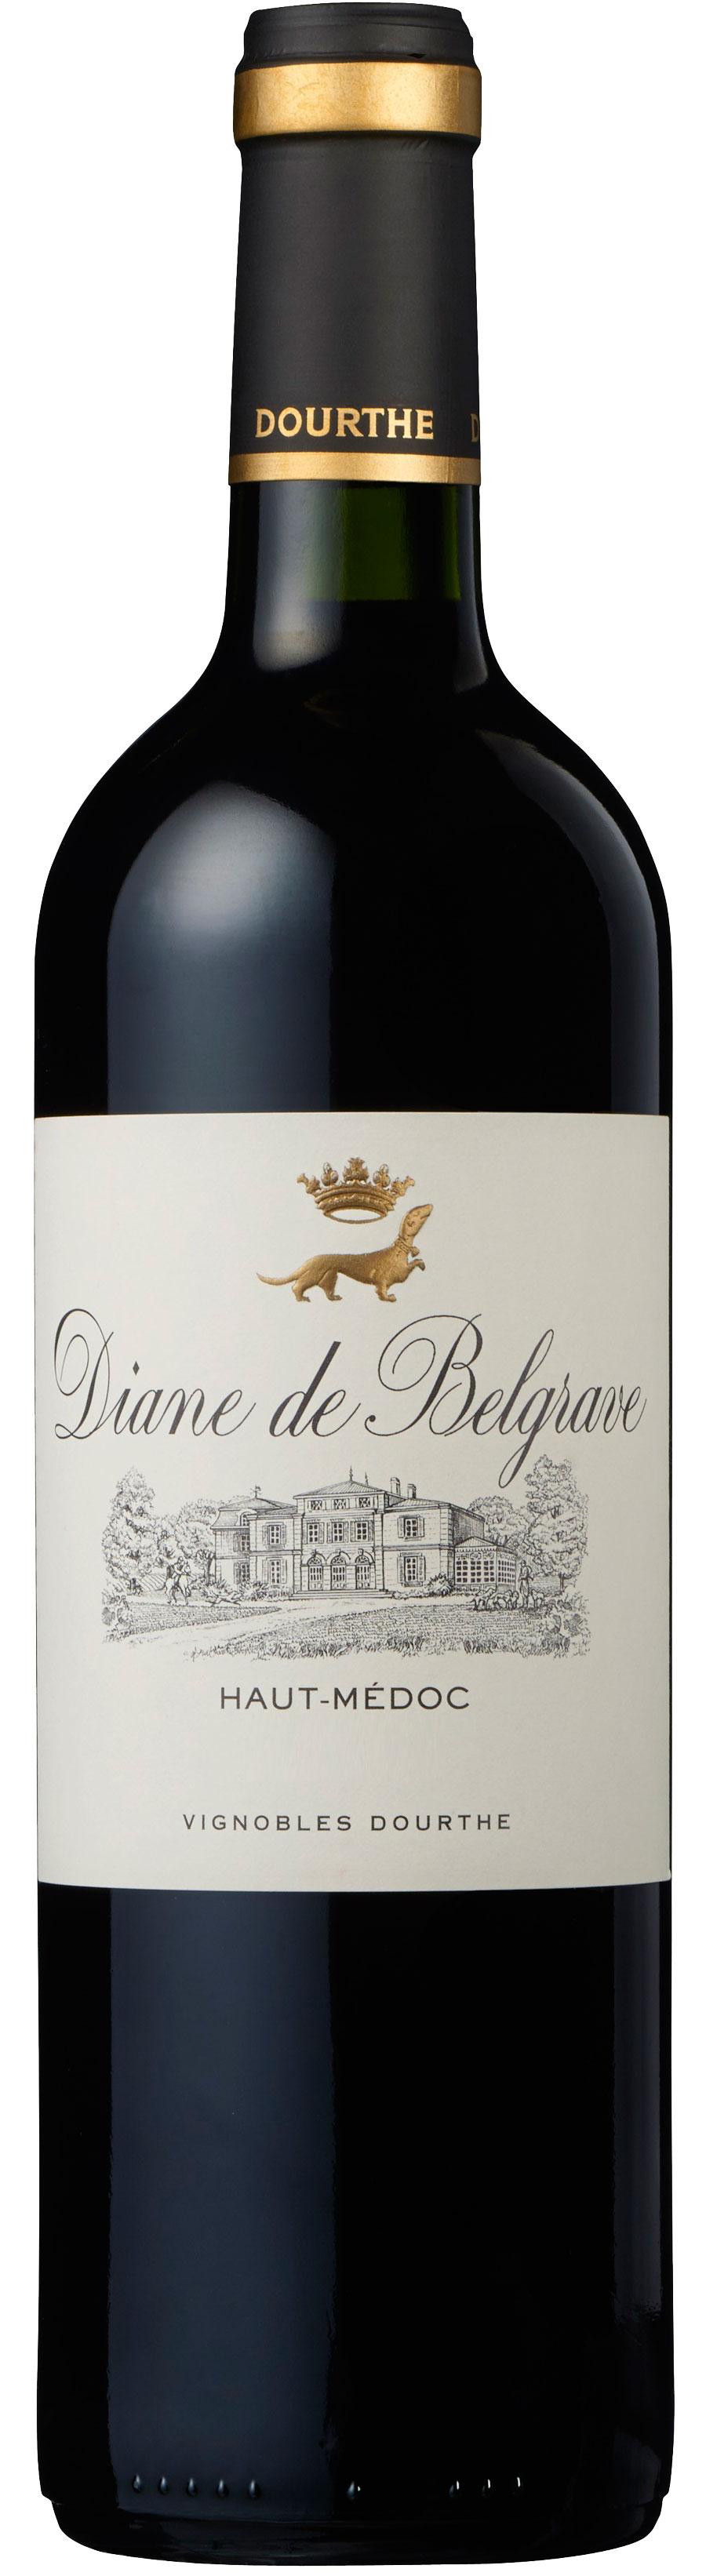 2010 Chateau Belgrave Diane De Belgrave, Haut-Medoc фото